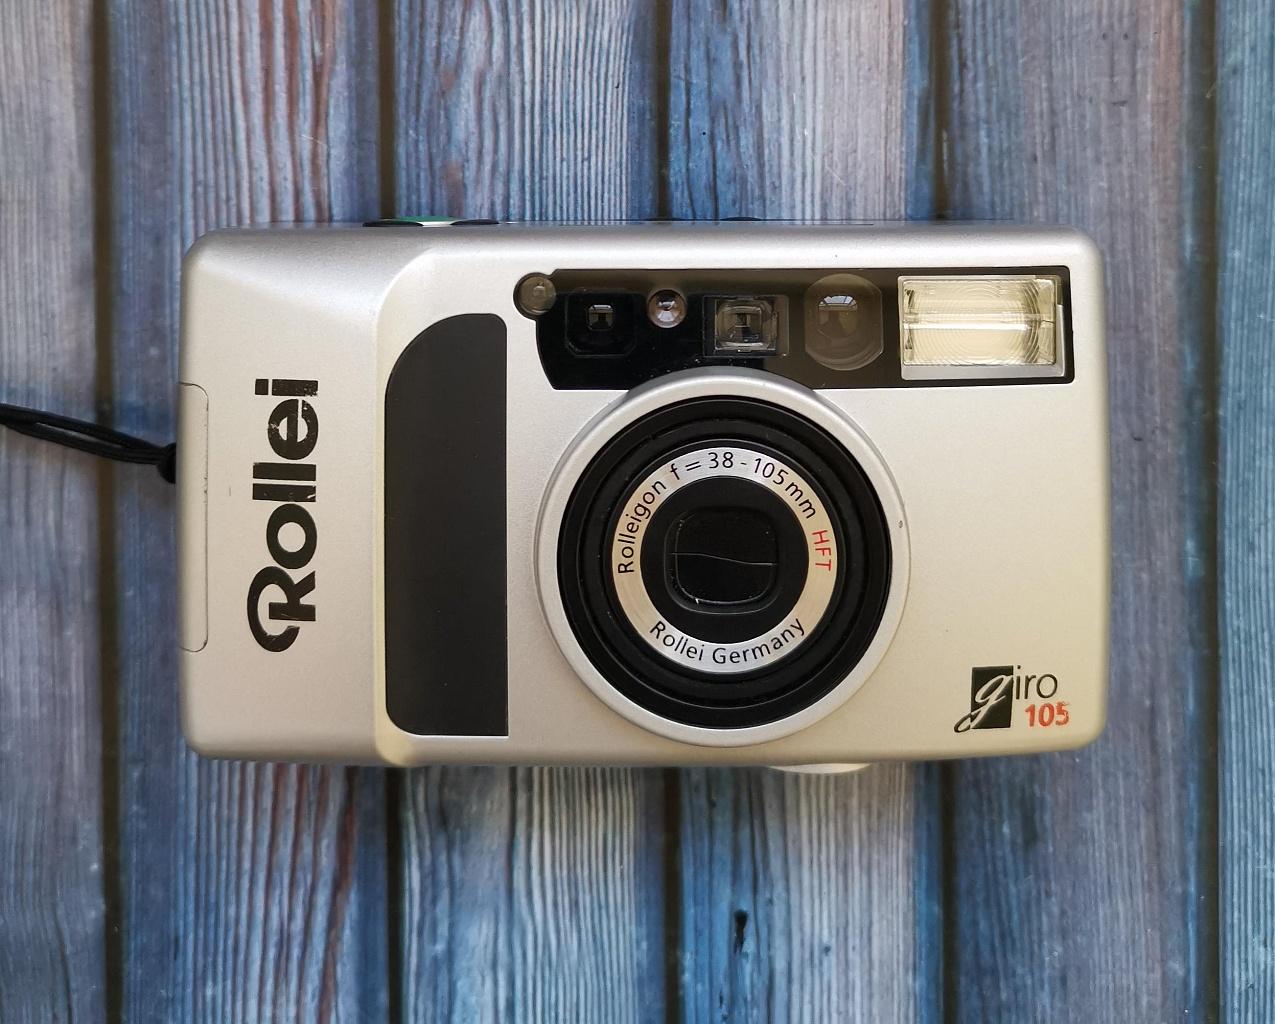 Пленочные камеры Rollei Giro 105 купить в Москве в интернет-магазине | Wonderfoto